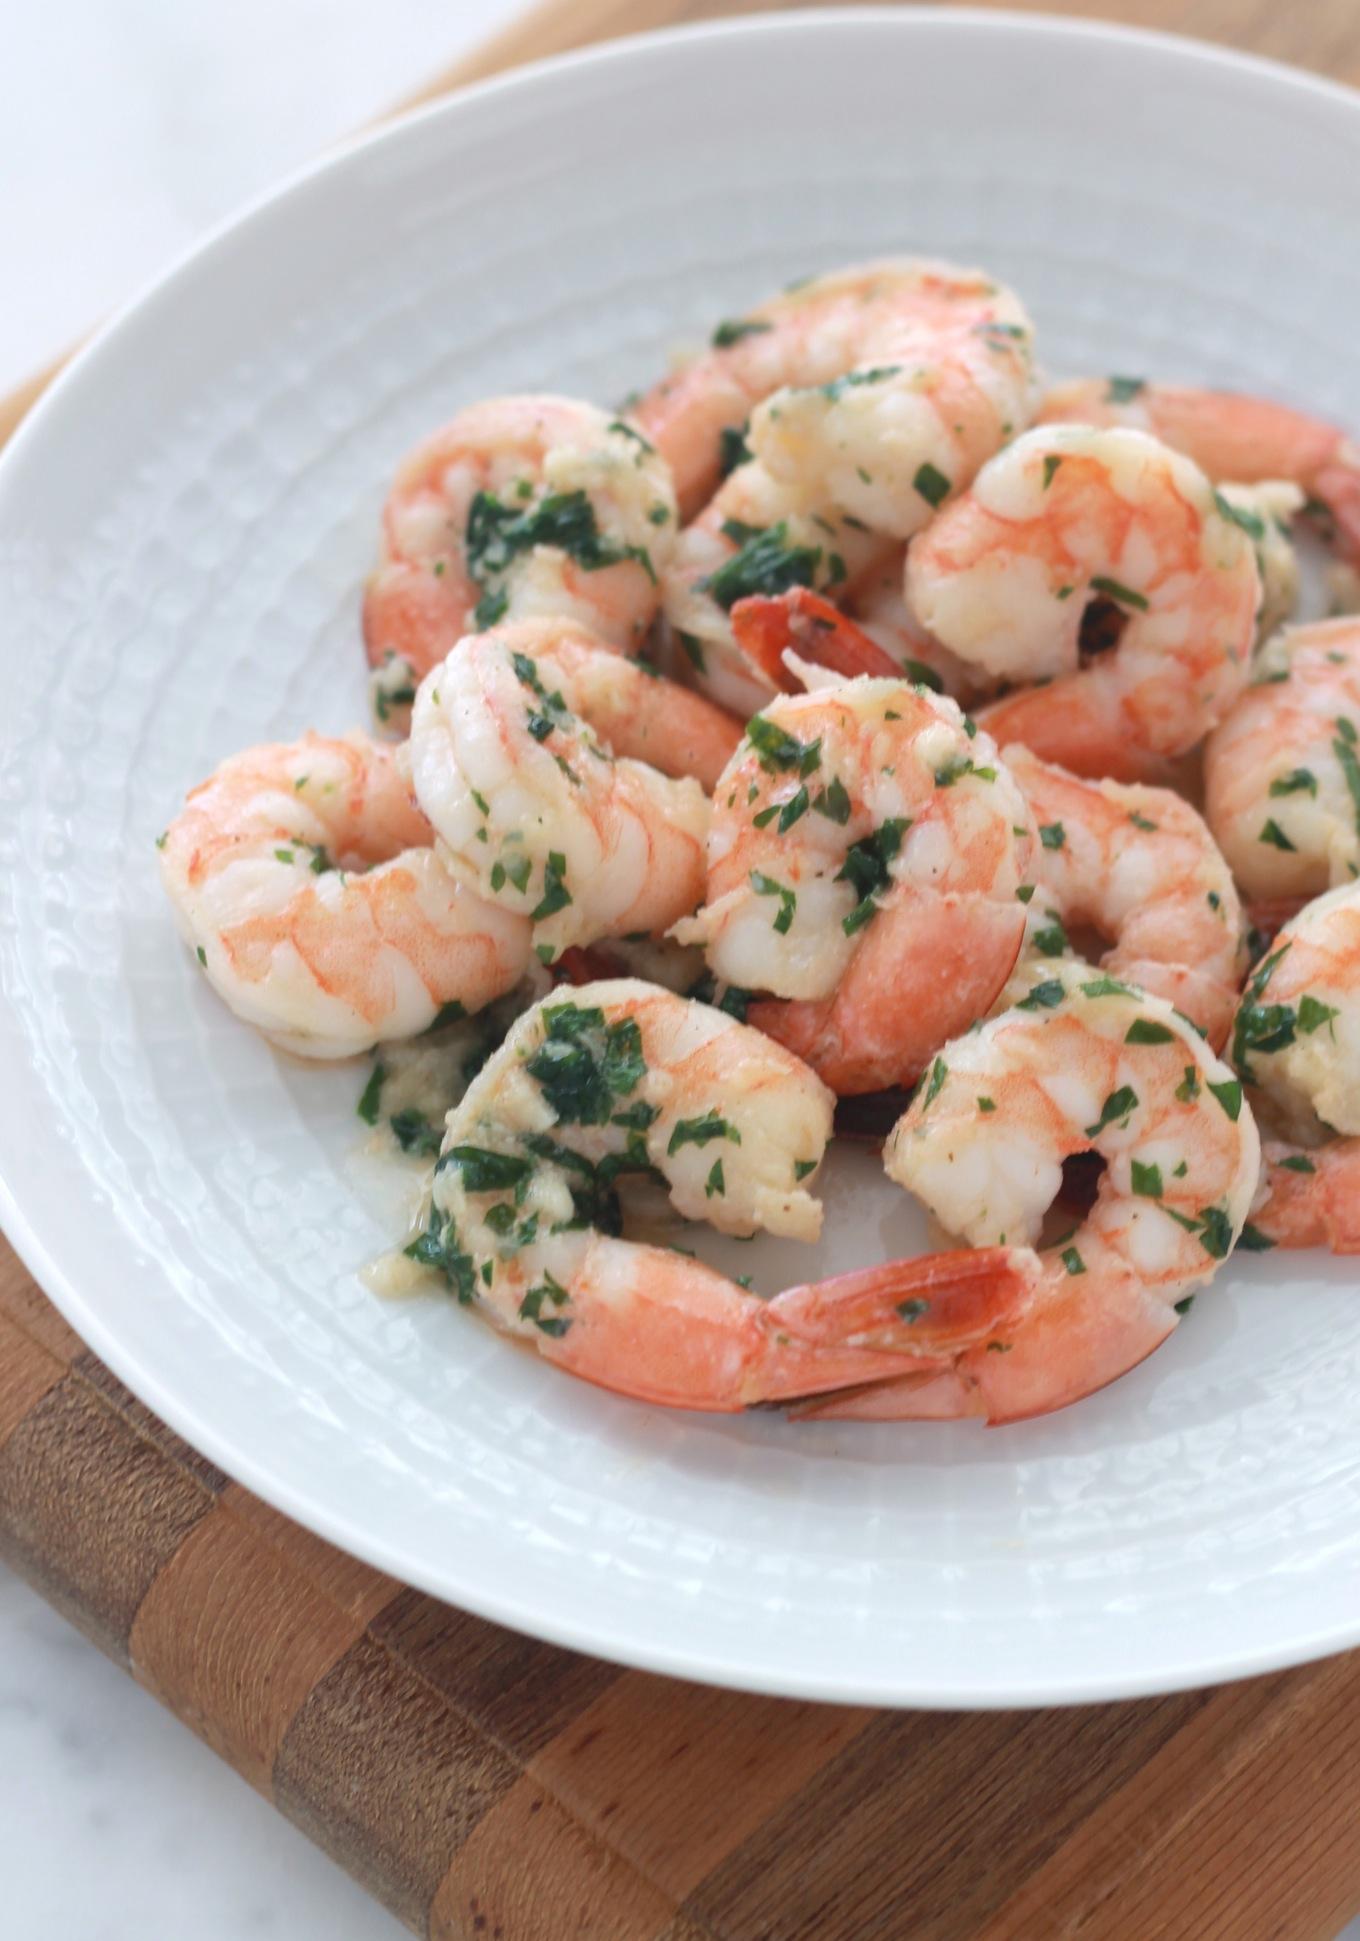 Crevettes sautées avec du persil, de l'ail, du beurre et de l'huile d'olive. Un plat très facile, rapide et absolument succulent. / cuisineculinaire.com